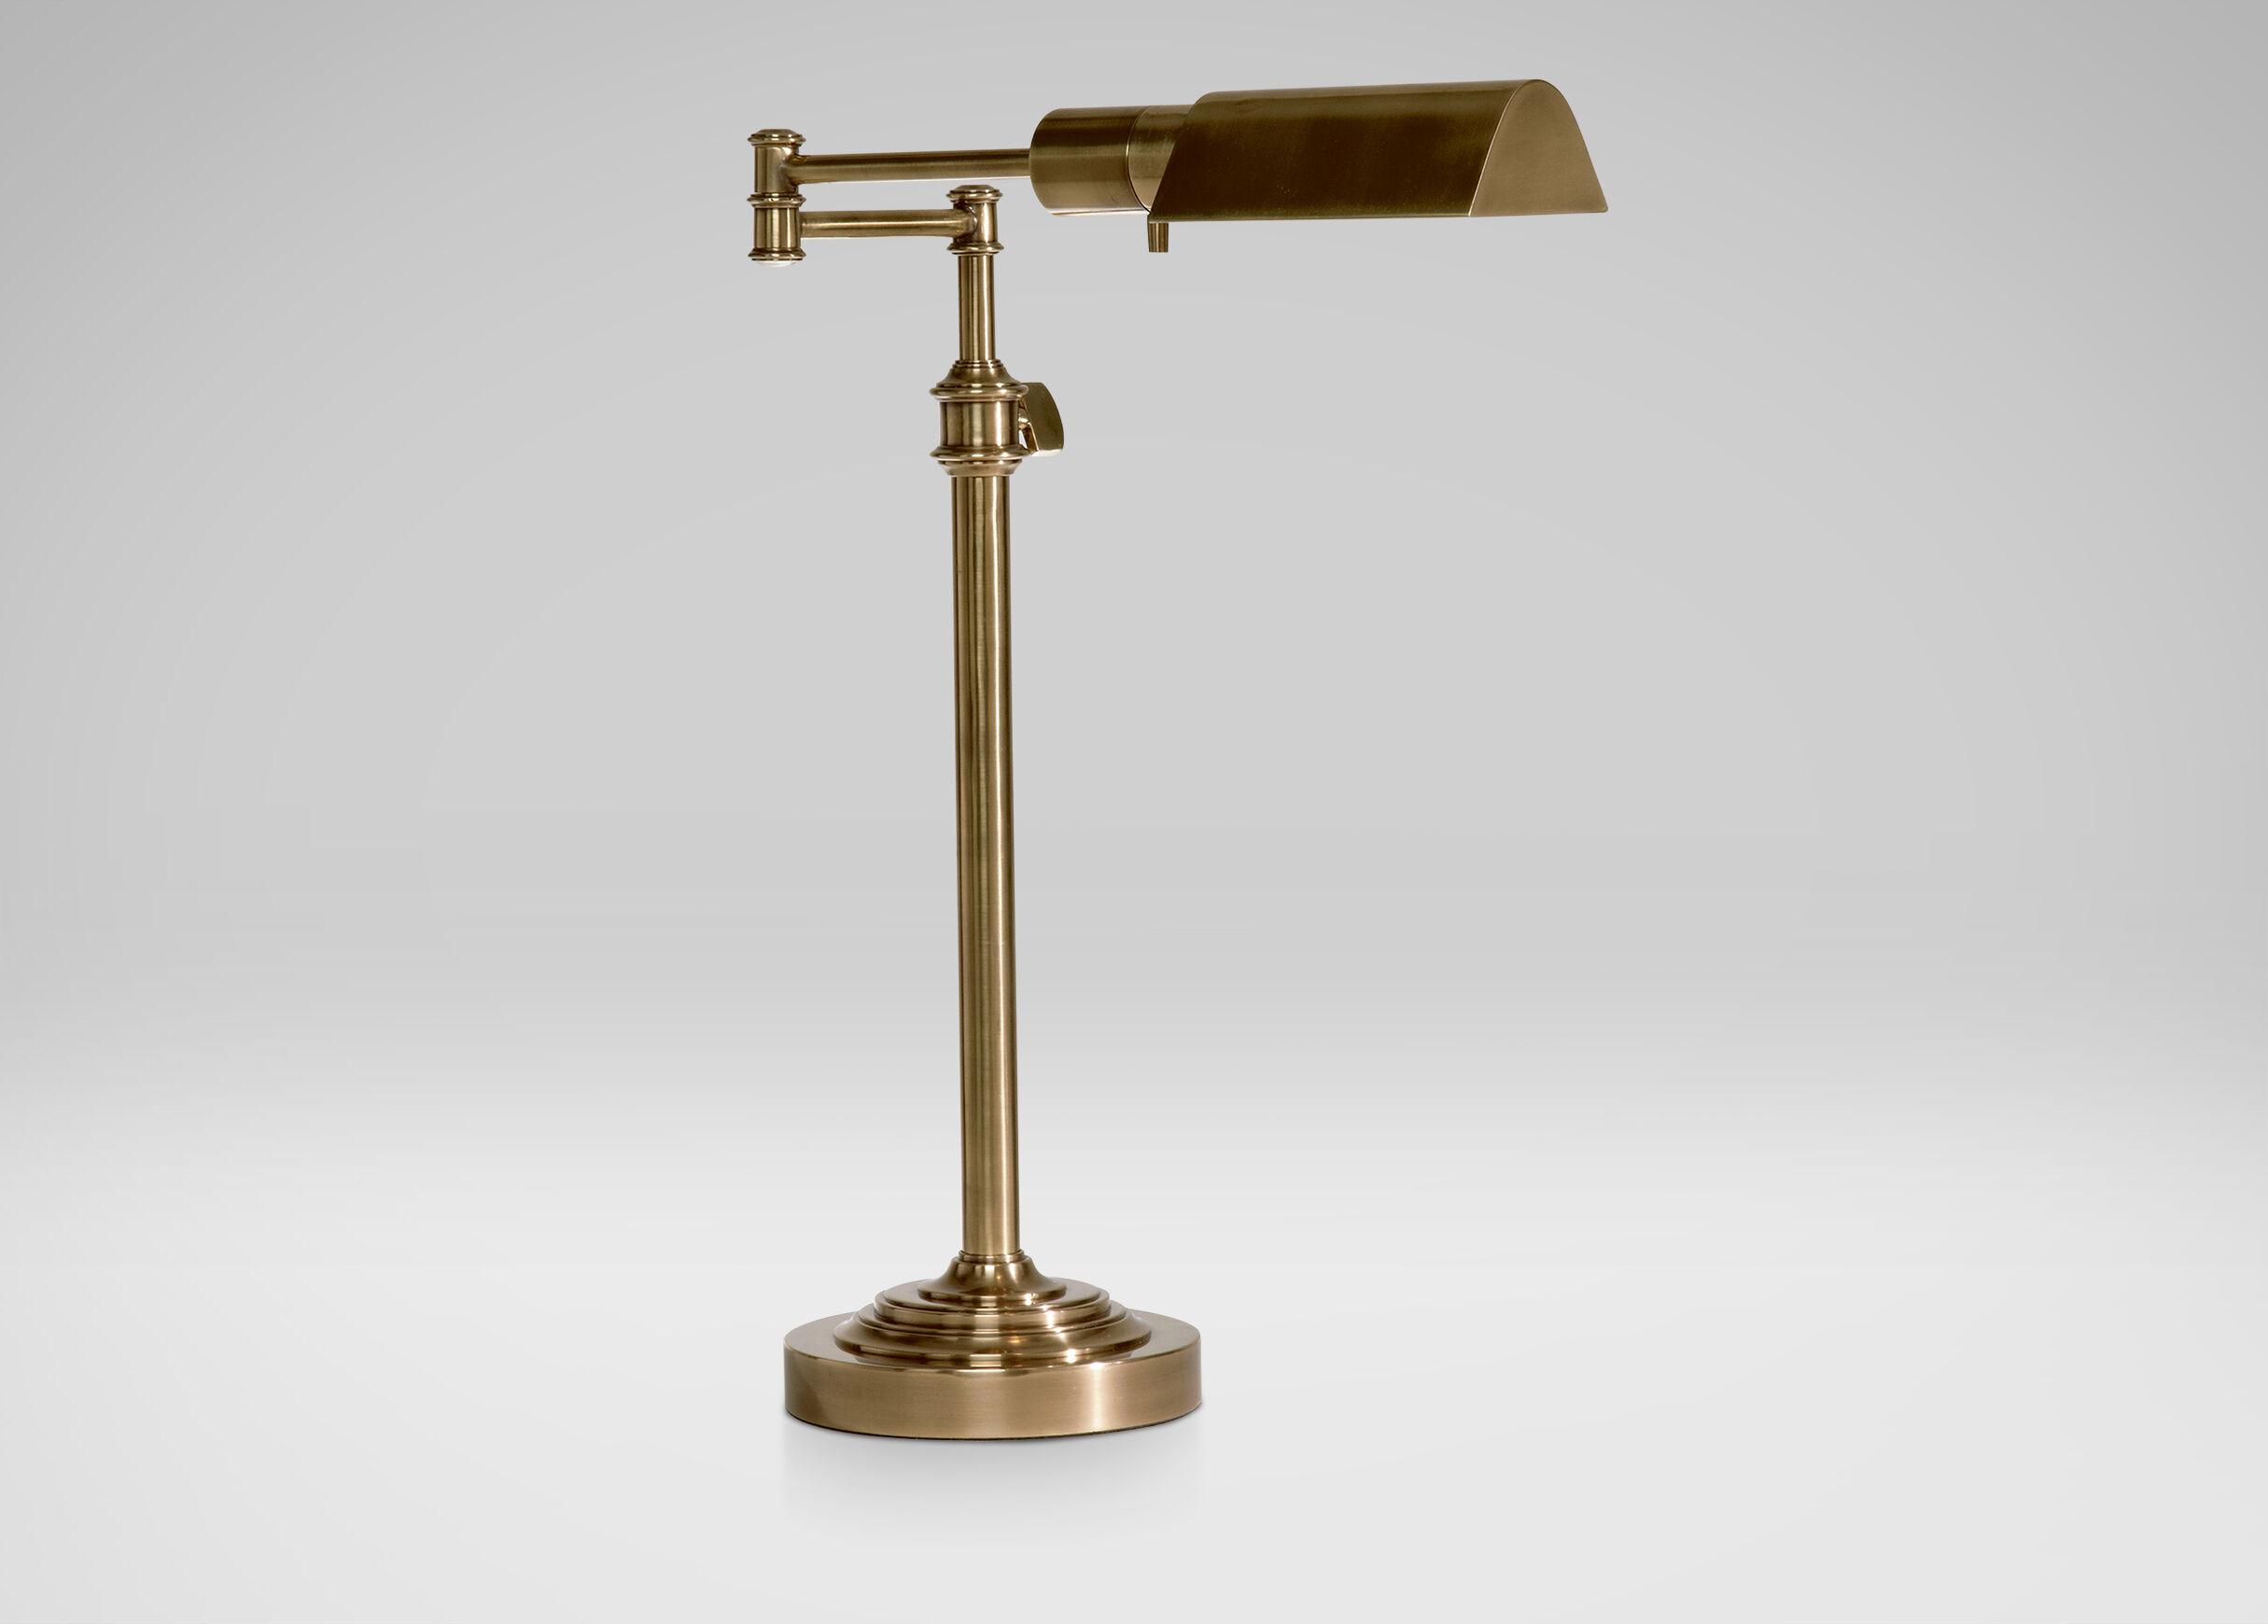 Brass Pharmacy Desk Lamp  DESK  ACCENT LAMPS